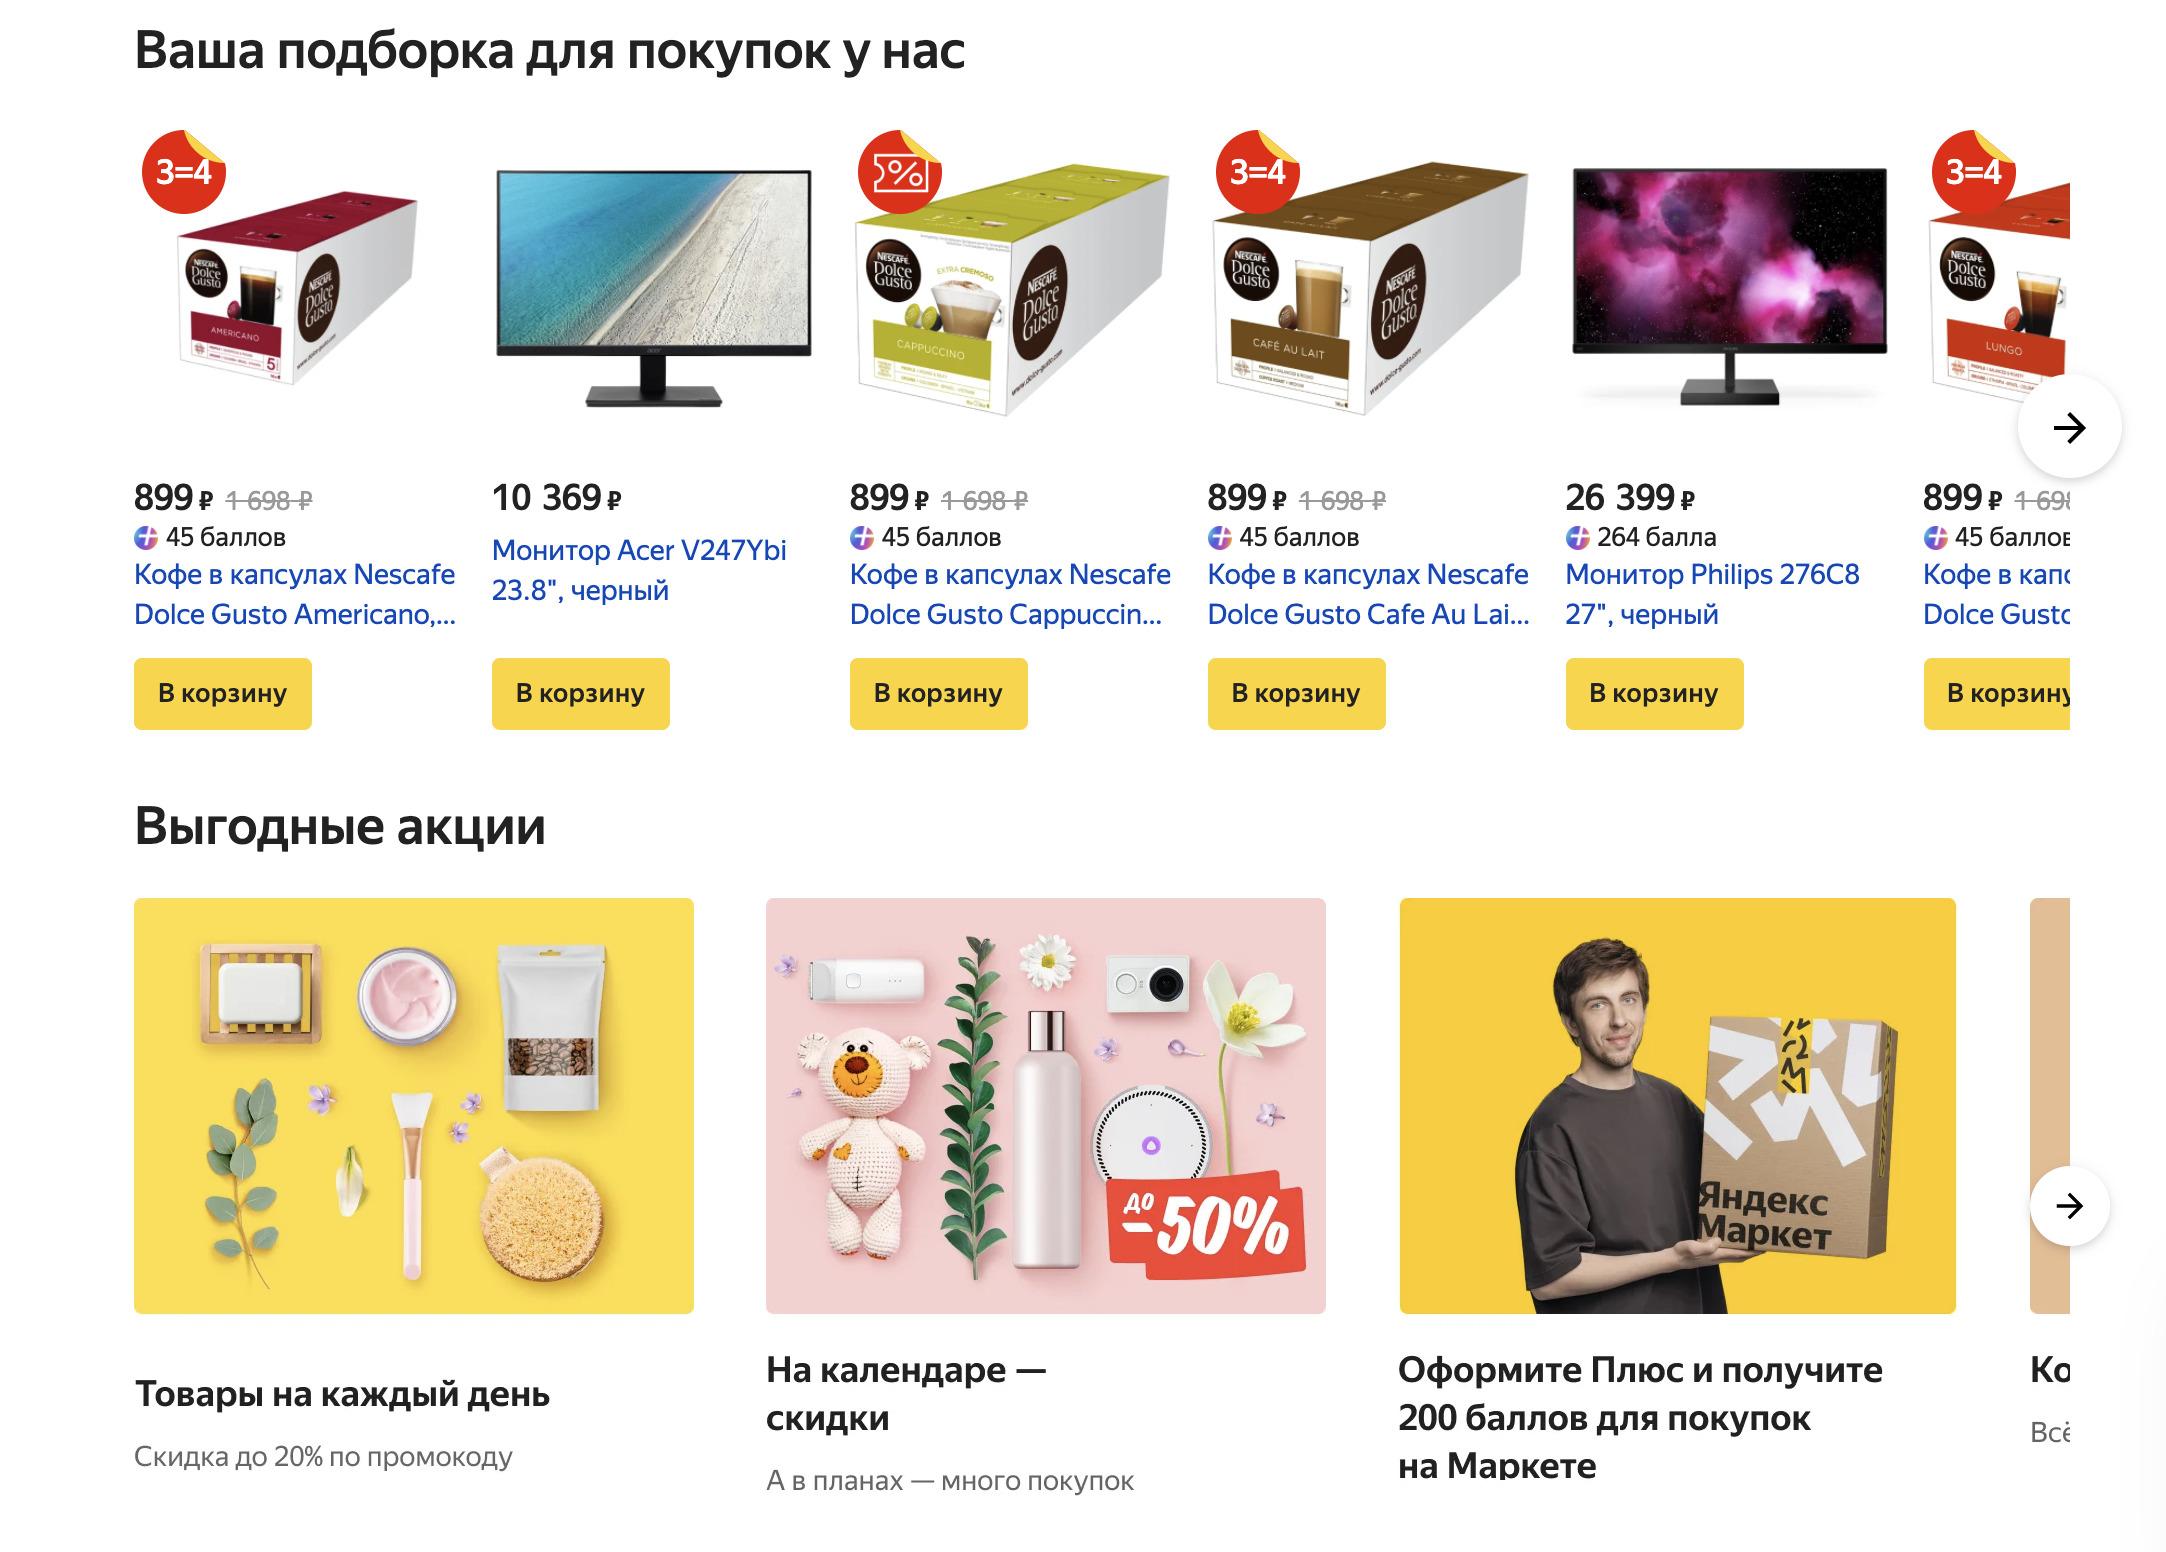 Доставка из Яндекс.Маркет в Новошахтинск, сроки, пункты выдачи, каталог